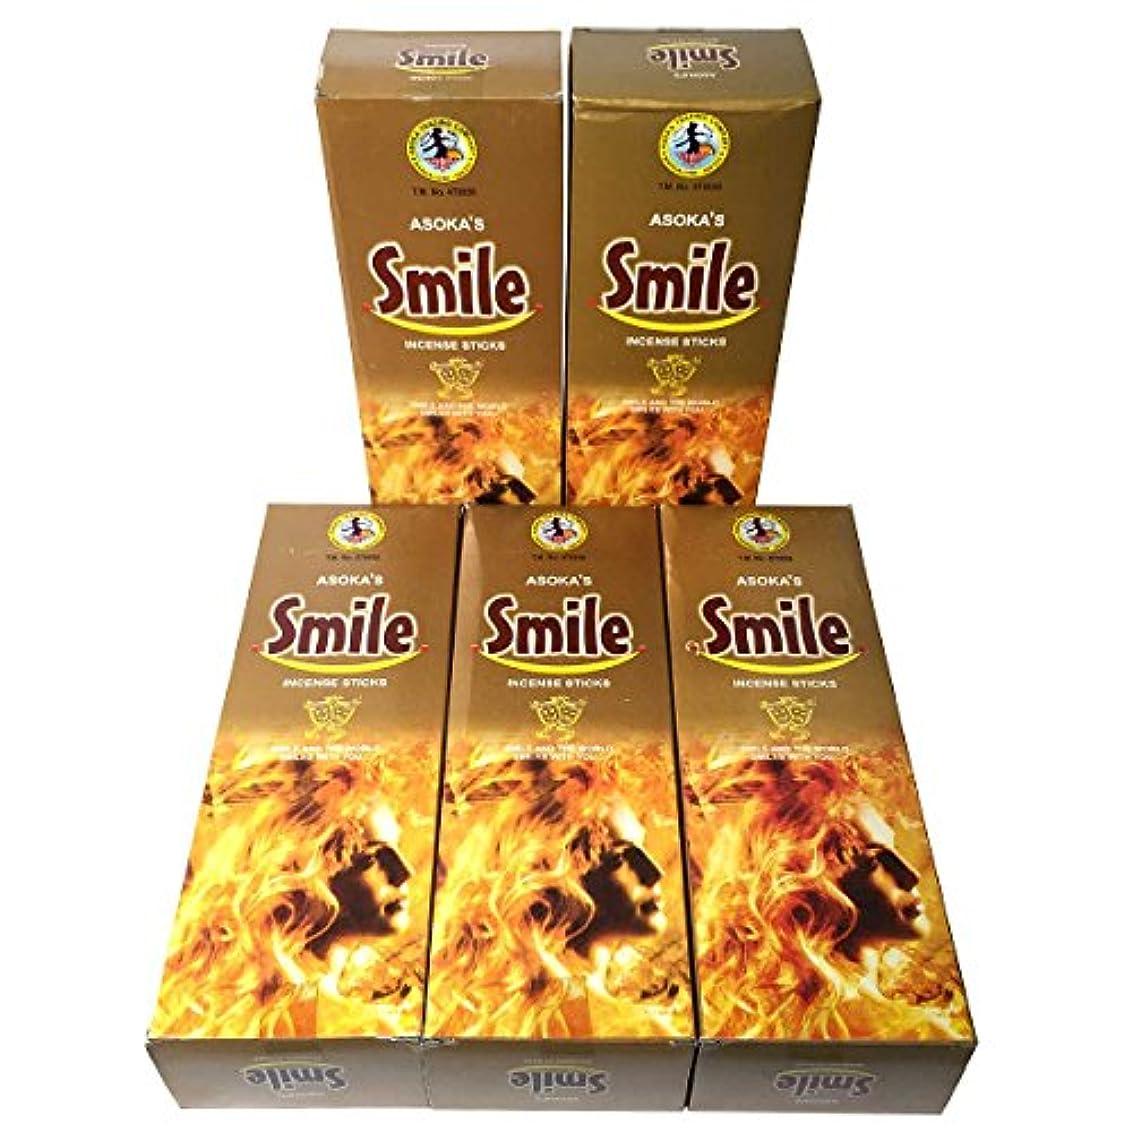 地上の量適合しましたスマイル香スティック 5BOX(30箱)/ASOKA SMILE/ インド香 / 送料無料 [並行輸入品]